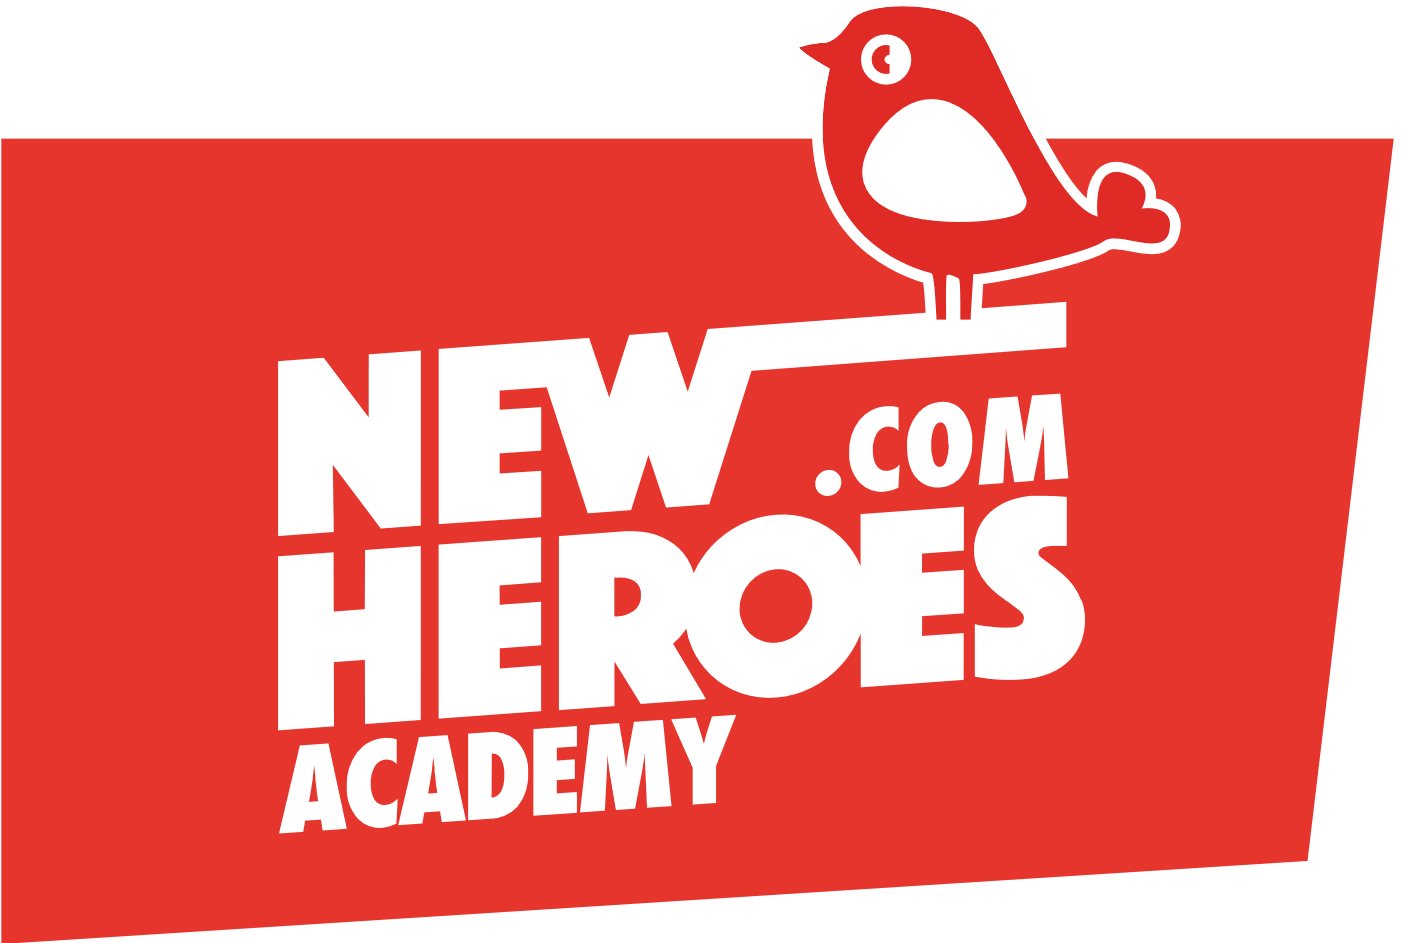 new heroes online academy